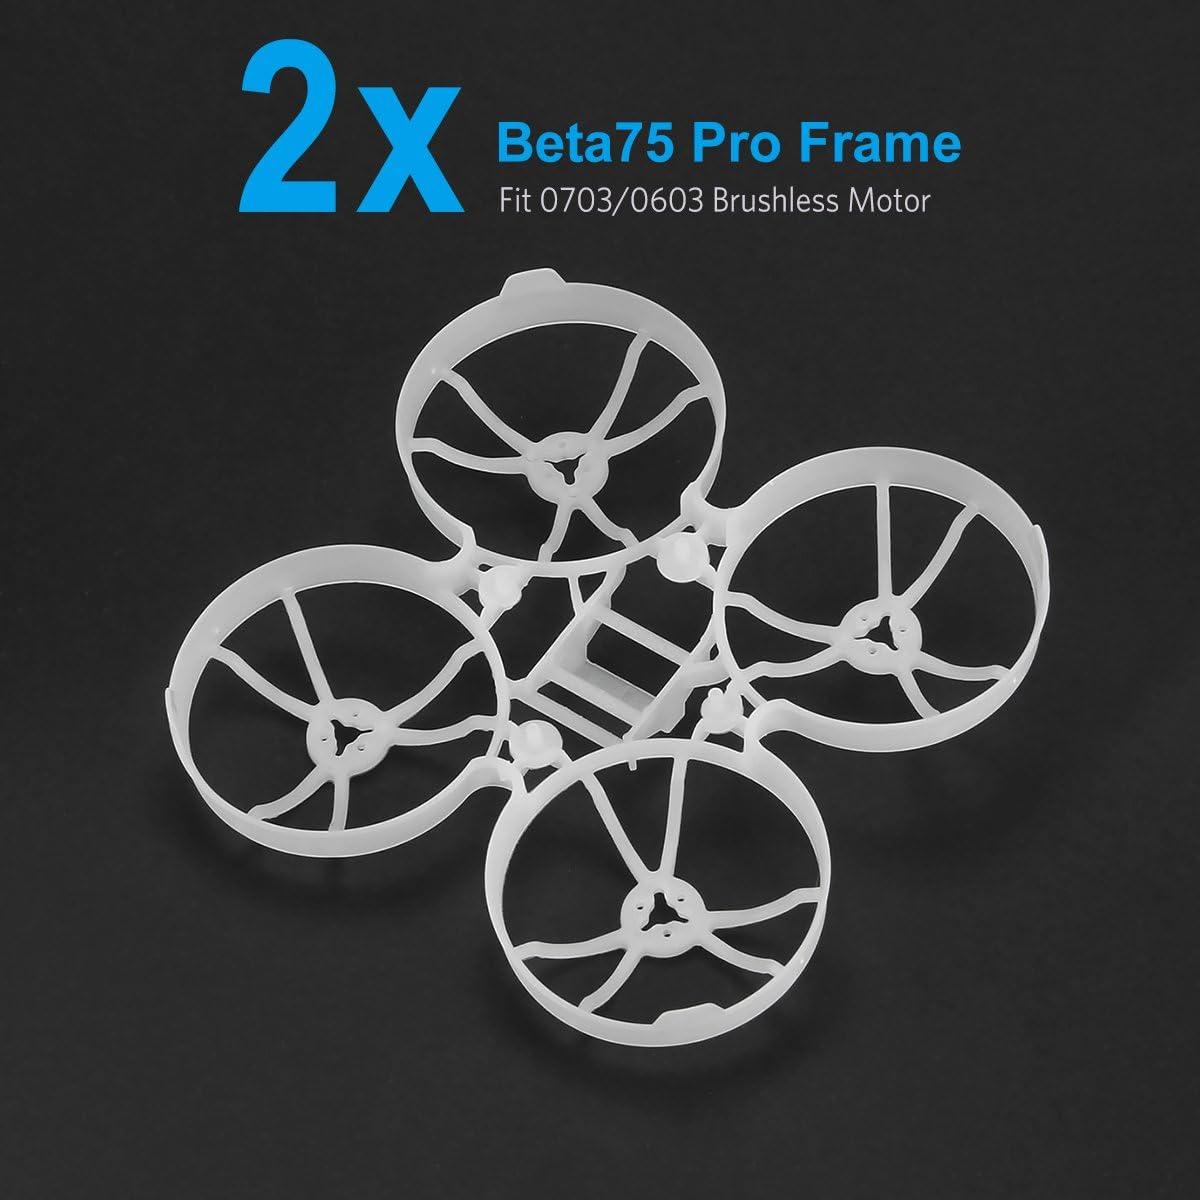 BETAFPV 2pcs Beta75 Pro Micro Brushless Whoop Frame for 0703 Brushless Motor